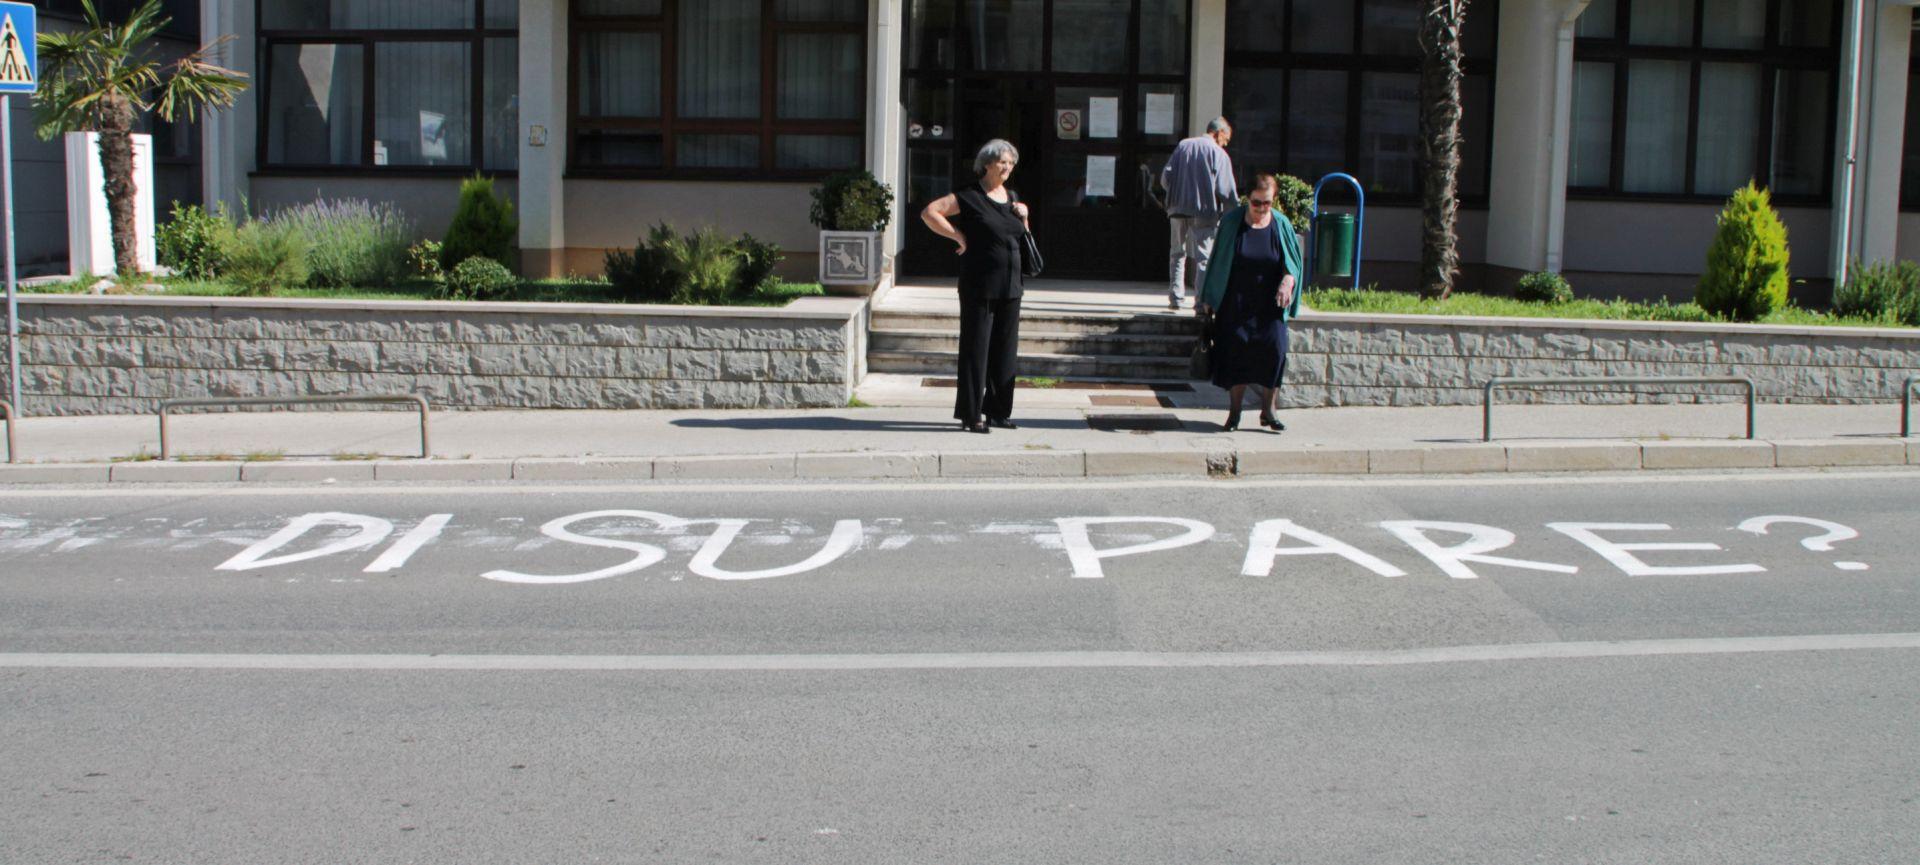 """LOKALNI IZBORI: U izborno jutro građane Vrgorca dočekao grafit """"Di su pare?"""""""